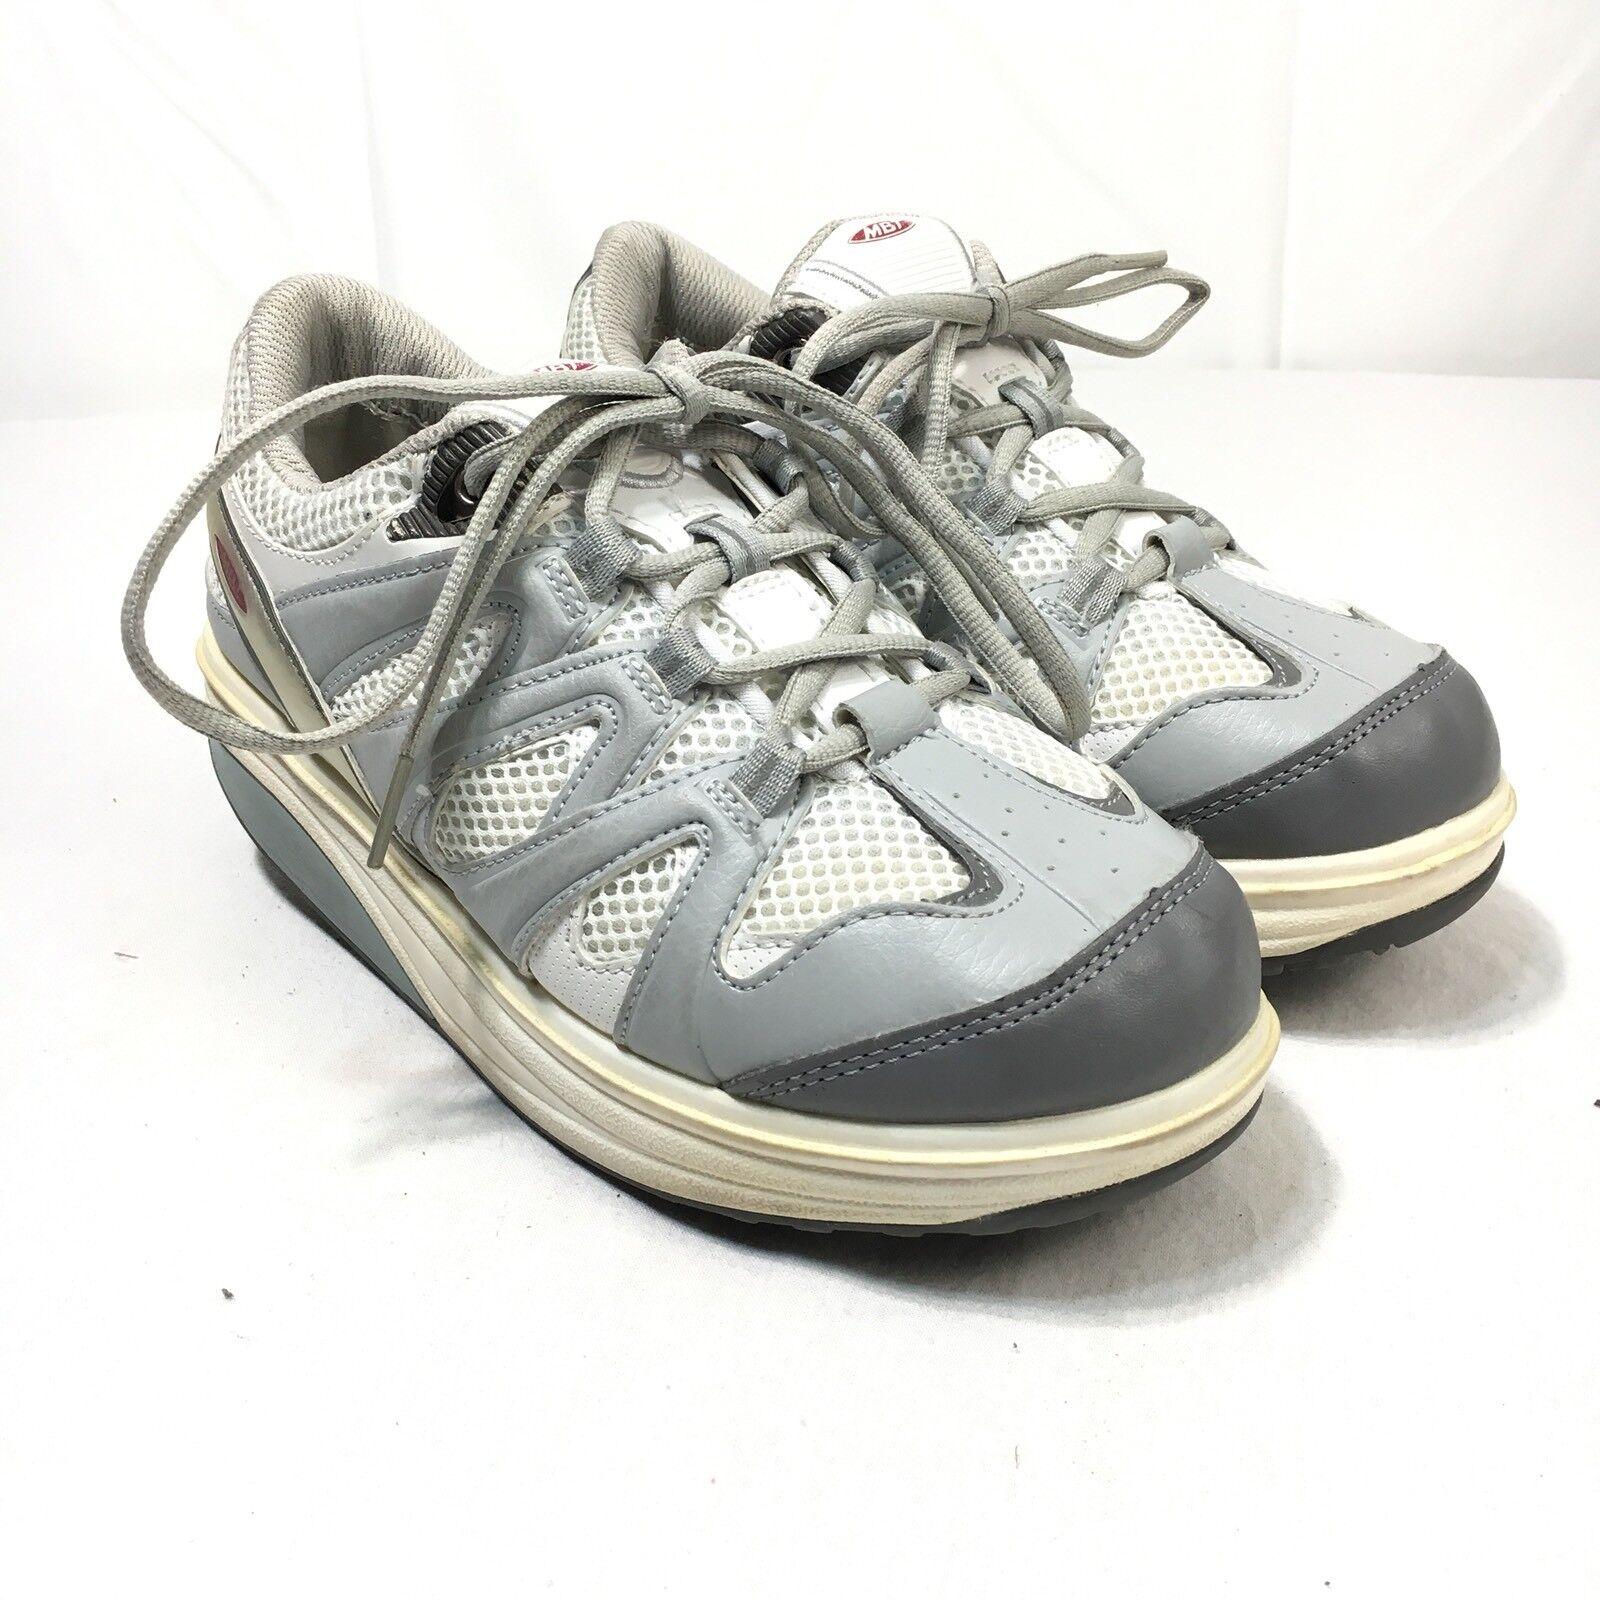 MBT Sport Damens's Größe 7.5 WEISS Gray Walking toning shape up rocker Heel Schuhes